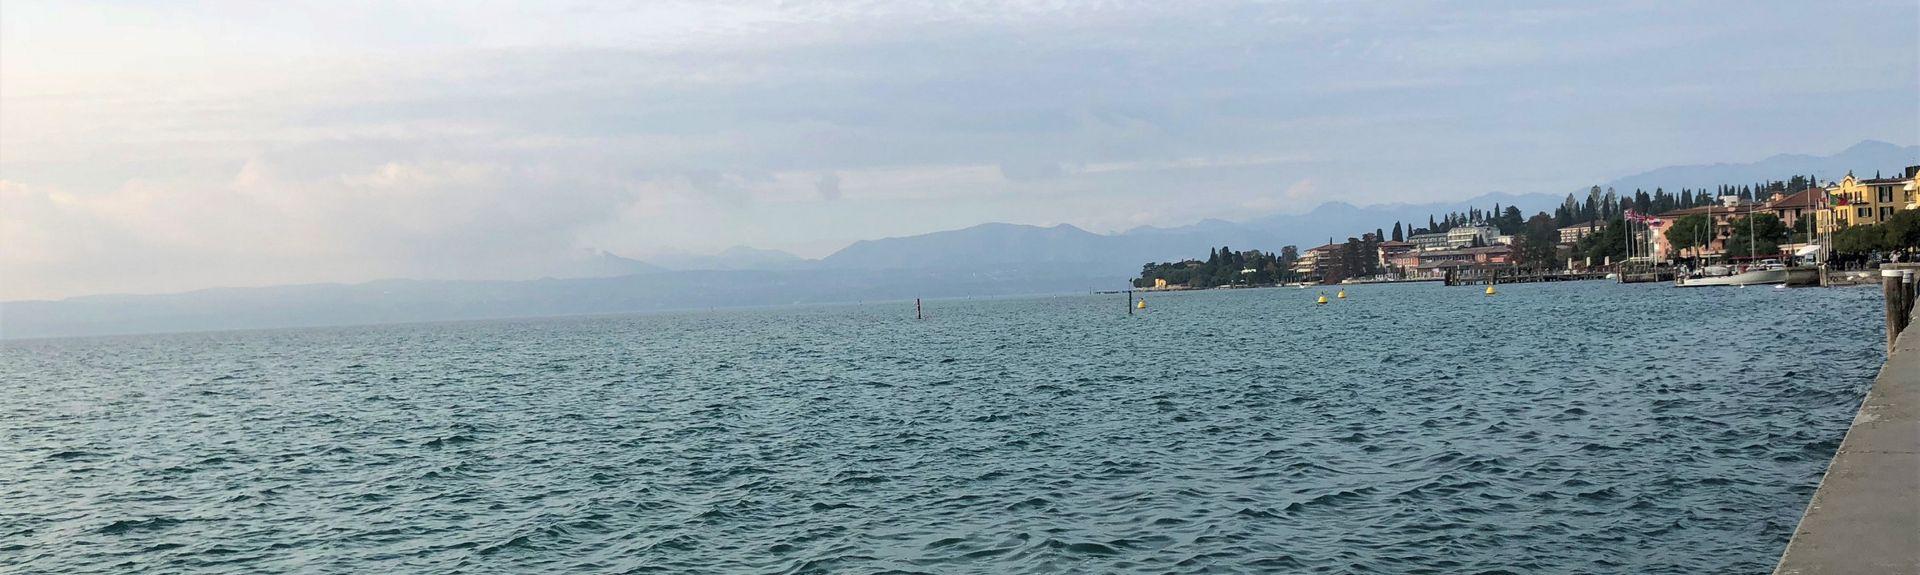 Salo, Lombardiet, Italien